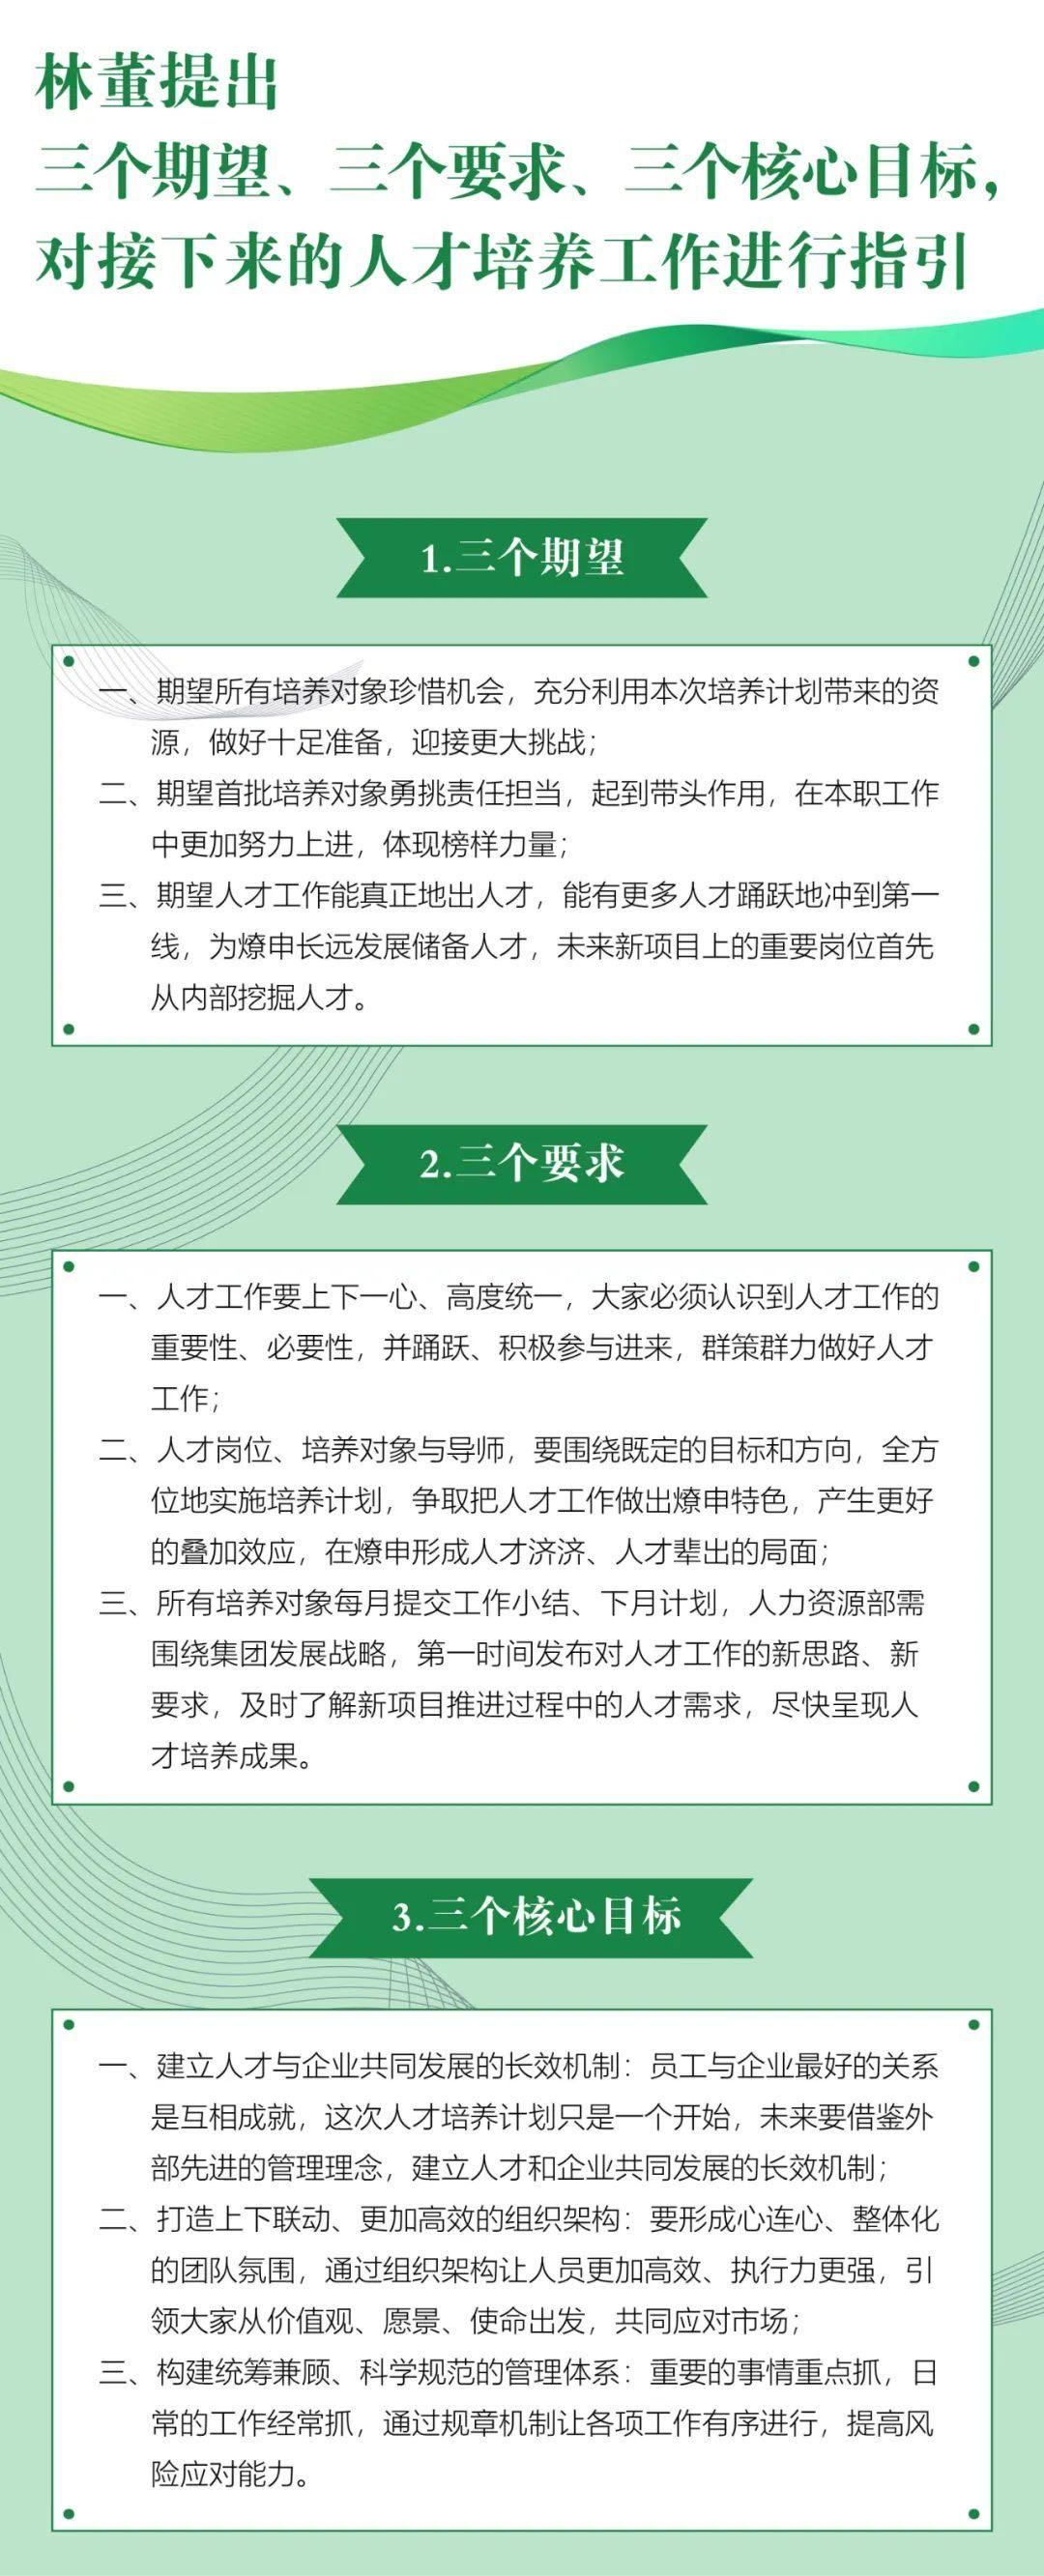 林董讲话长图.jpg